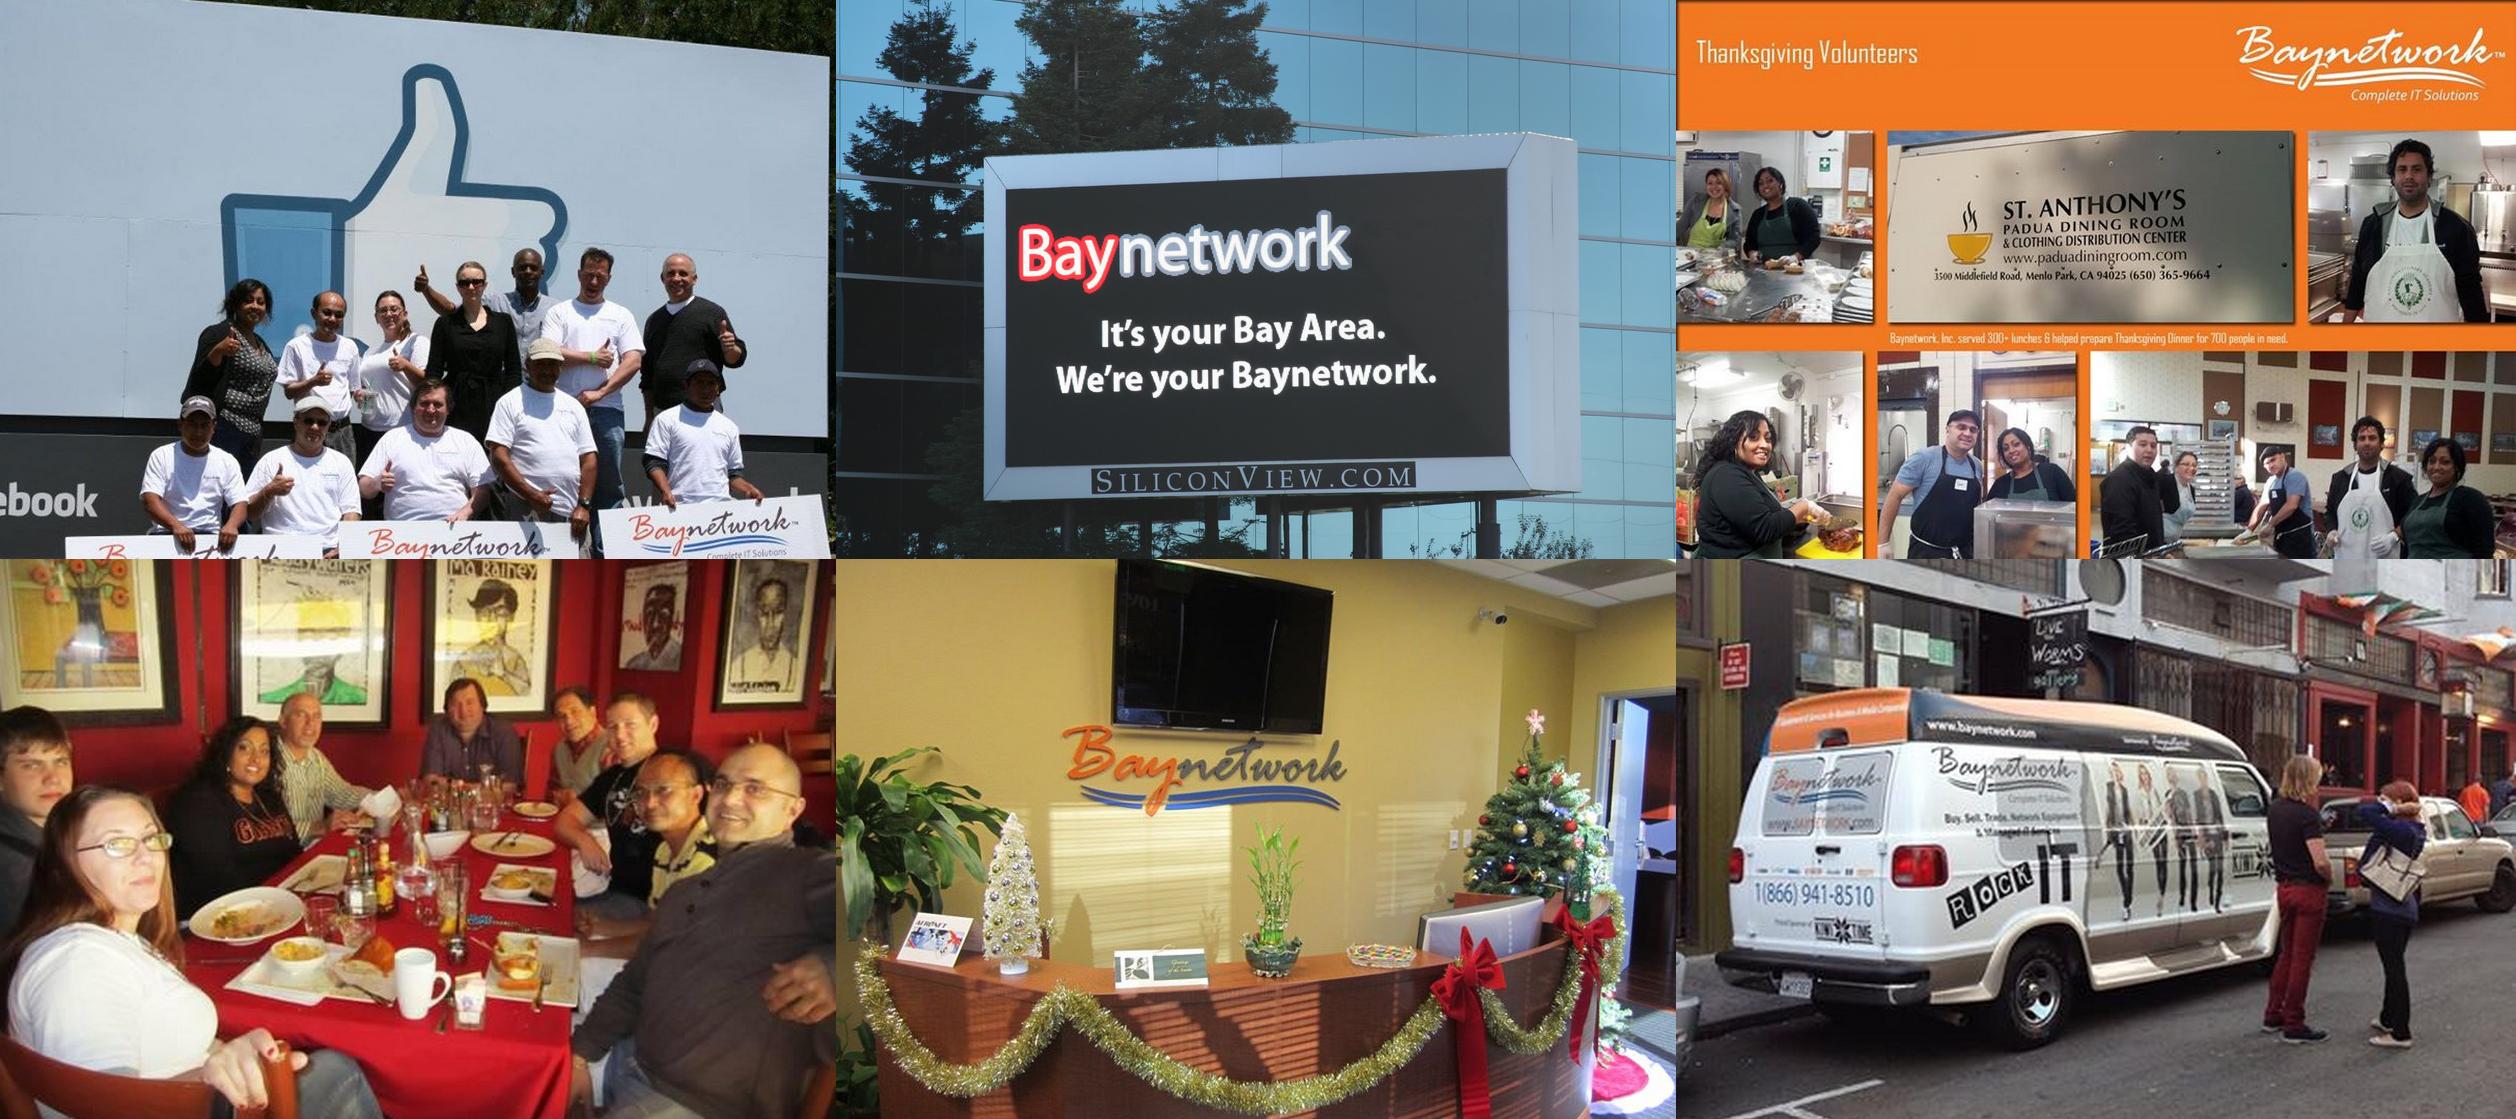 Baynetwork Company